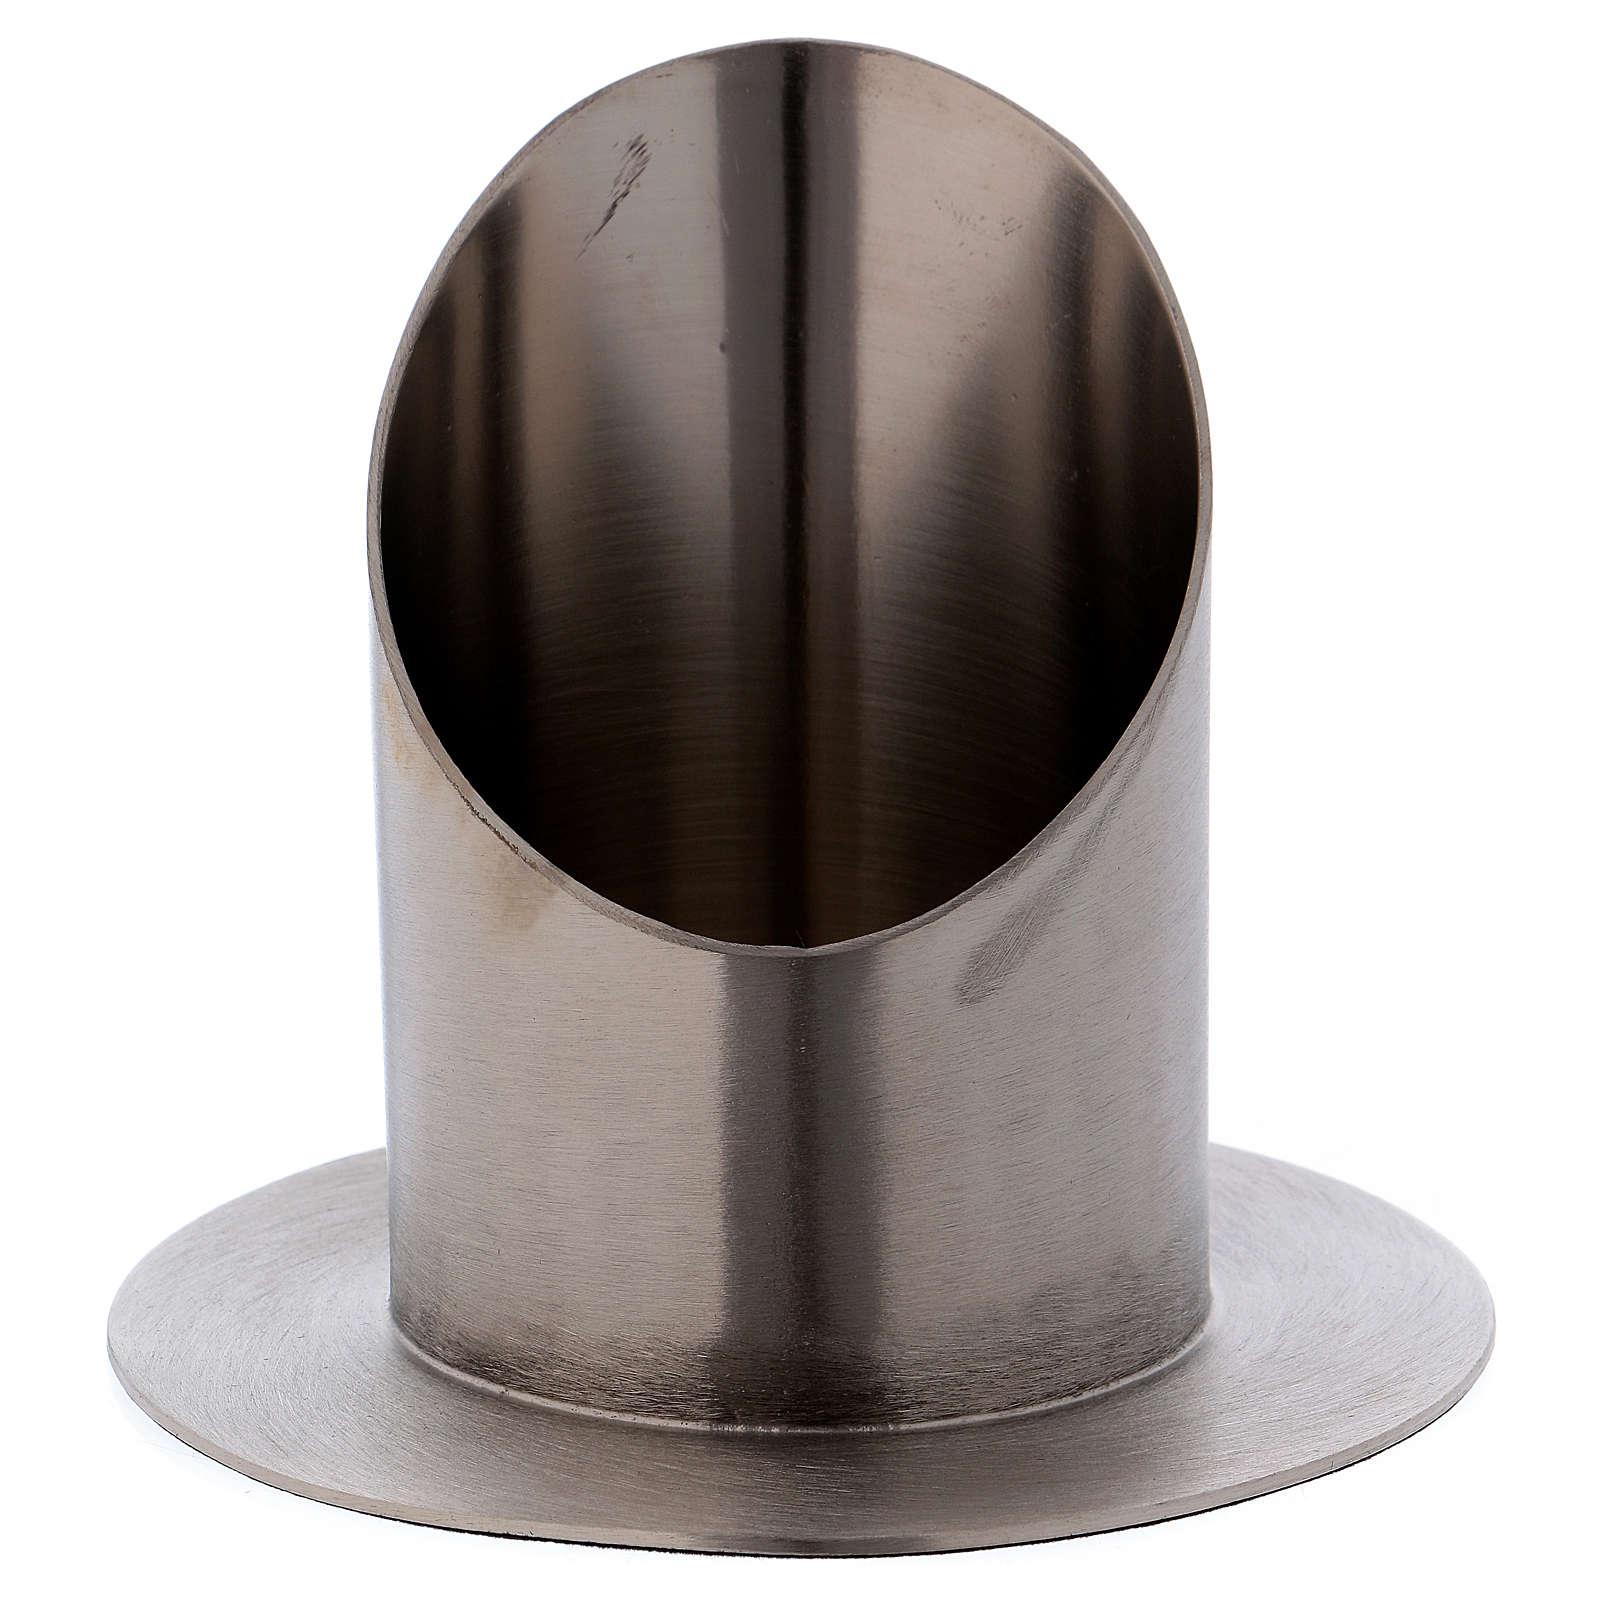 Support cierge tubulaire laiton argenté mat diamètre 7 cm 4